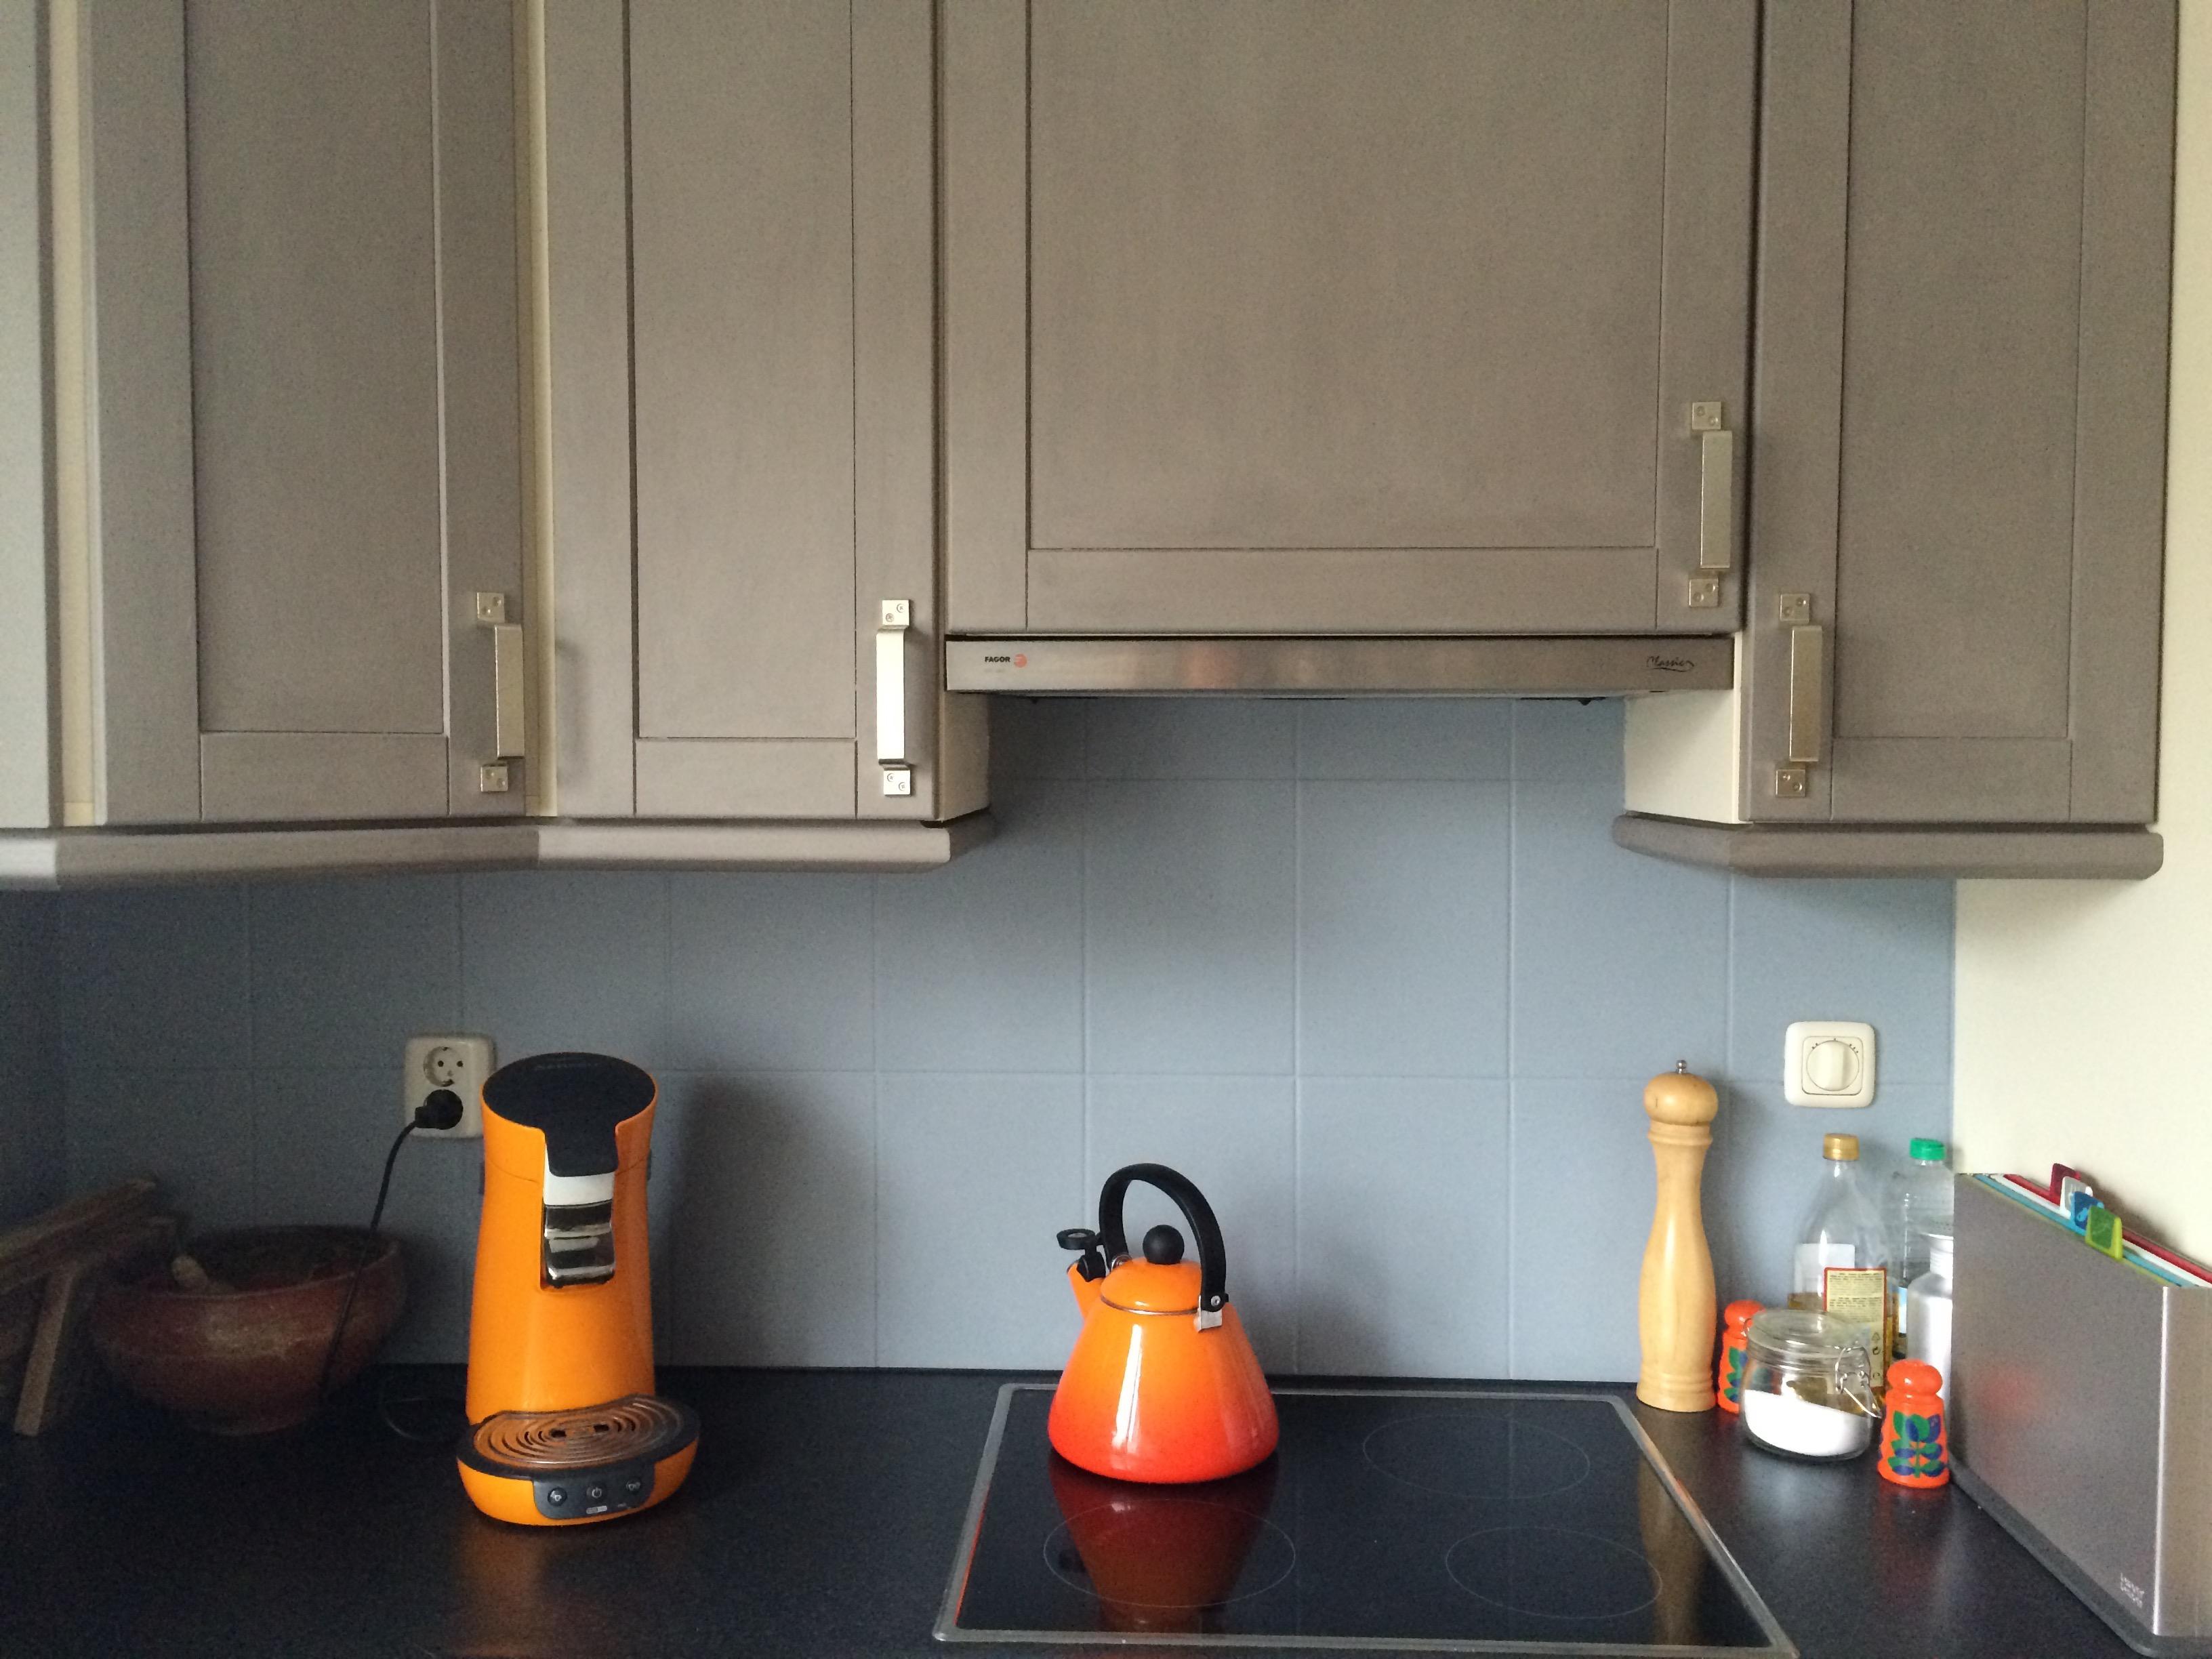 Keuken Tegels Verven : Low budget sort off keuken renovatie deel kastjes schilderen